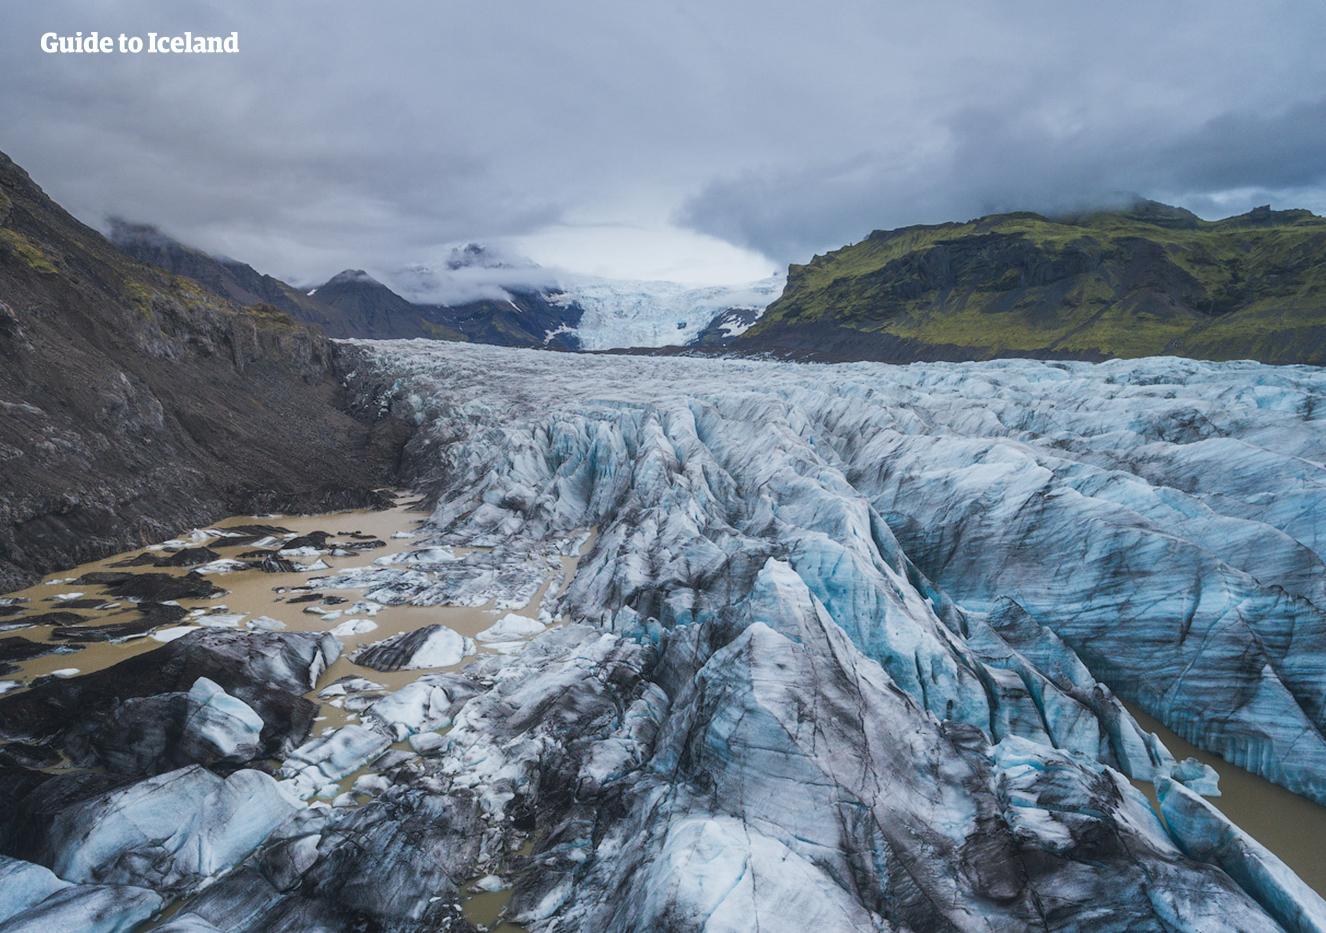 남부 아이슬란드의 스타스카프타펠 자연보호구역. 사진에 나온 스비나펠스요쿨 빙하지역이나 스바르티포스 폭포로 잘 알려져 있습니다.